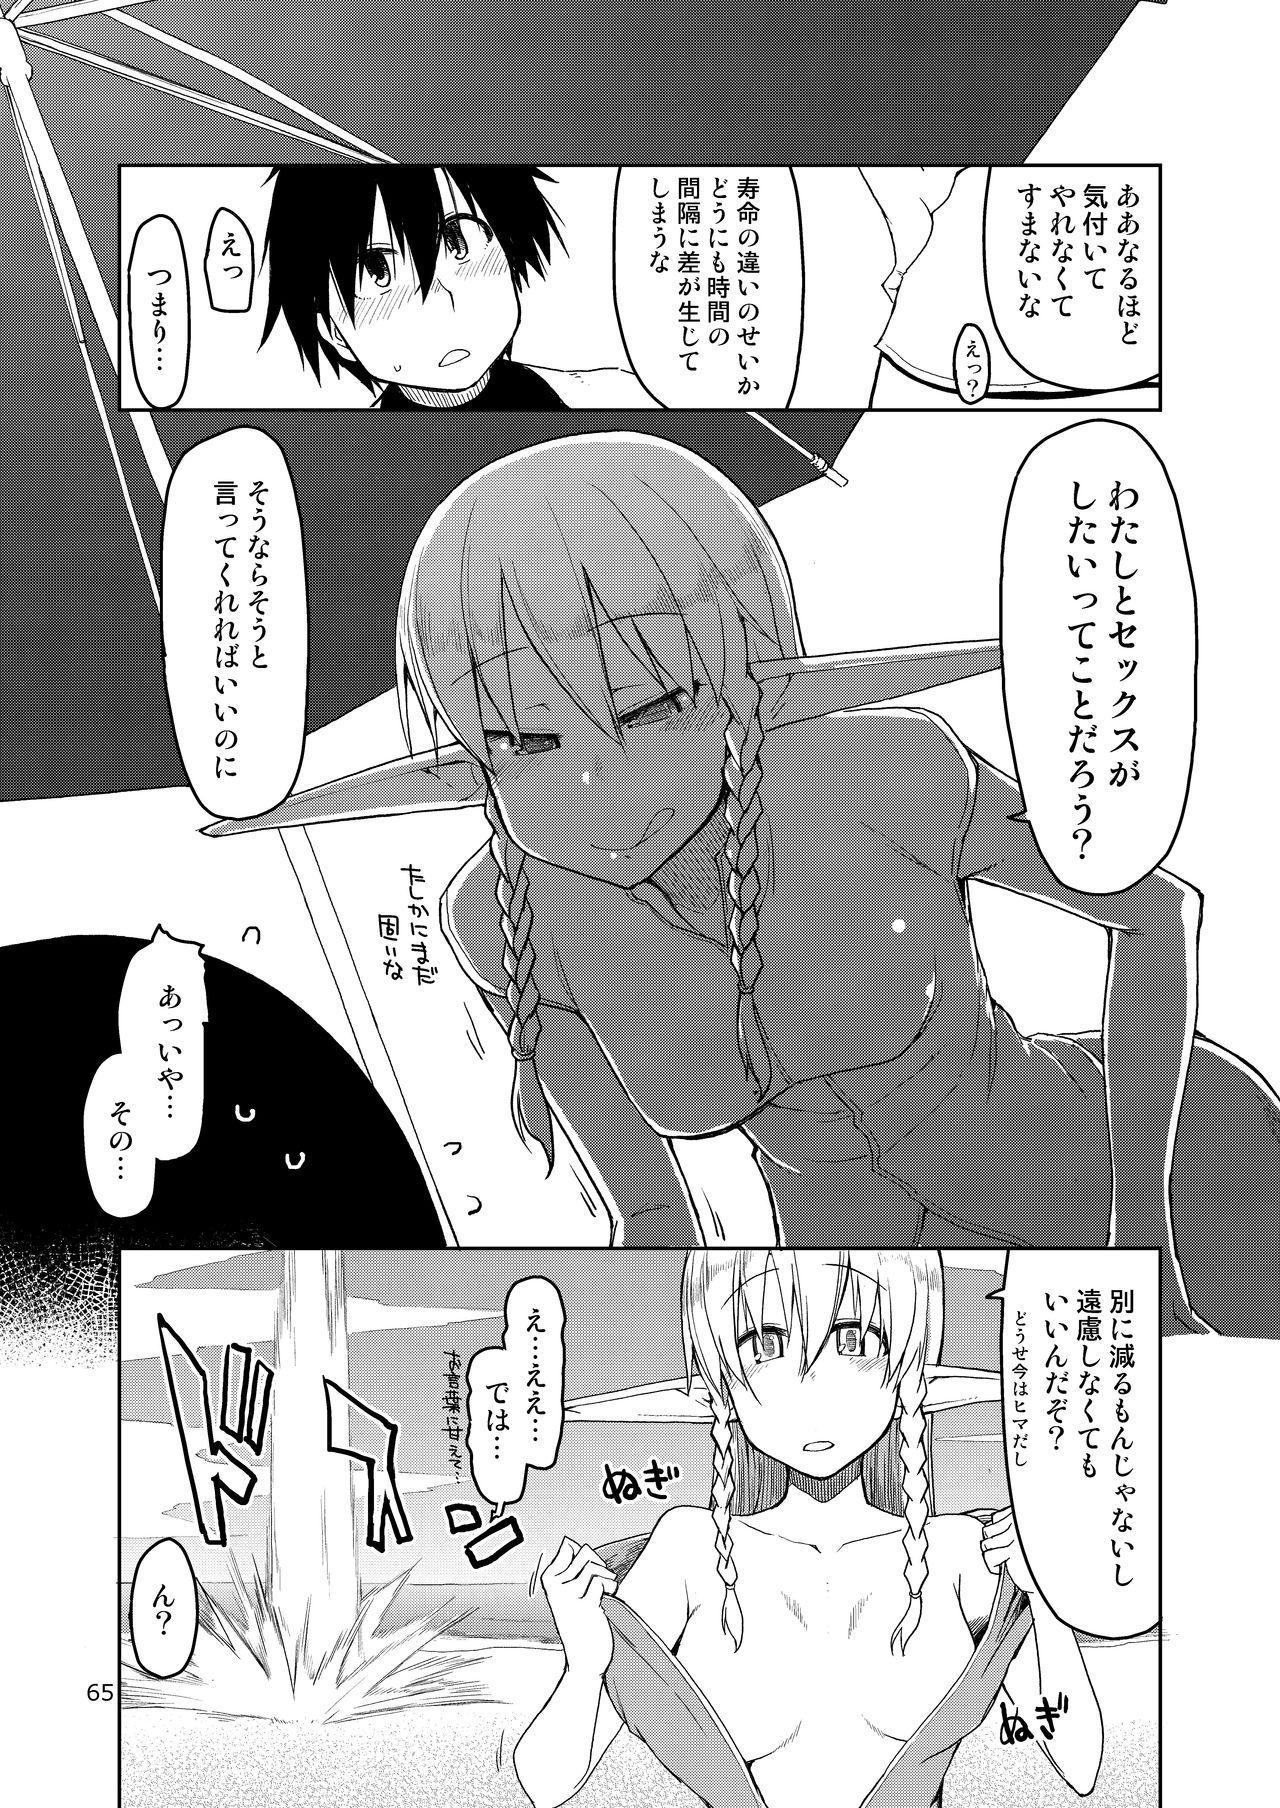 Dosukebe Elf no Ishukan Nikki Matome 2 65